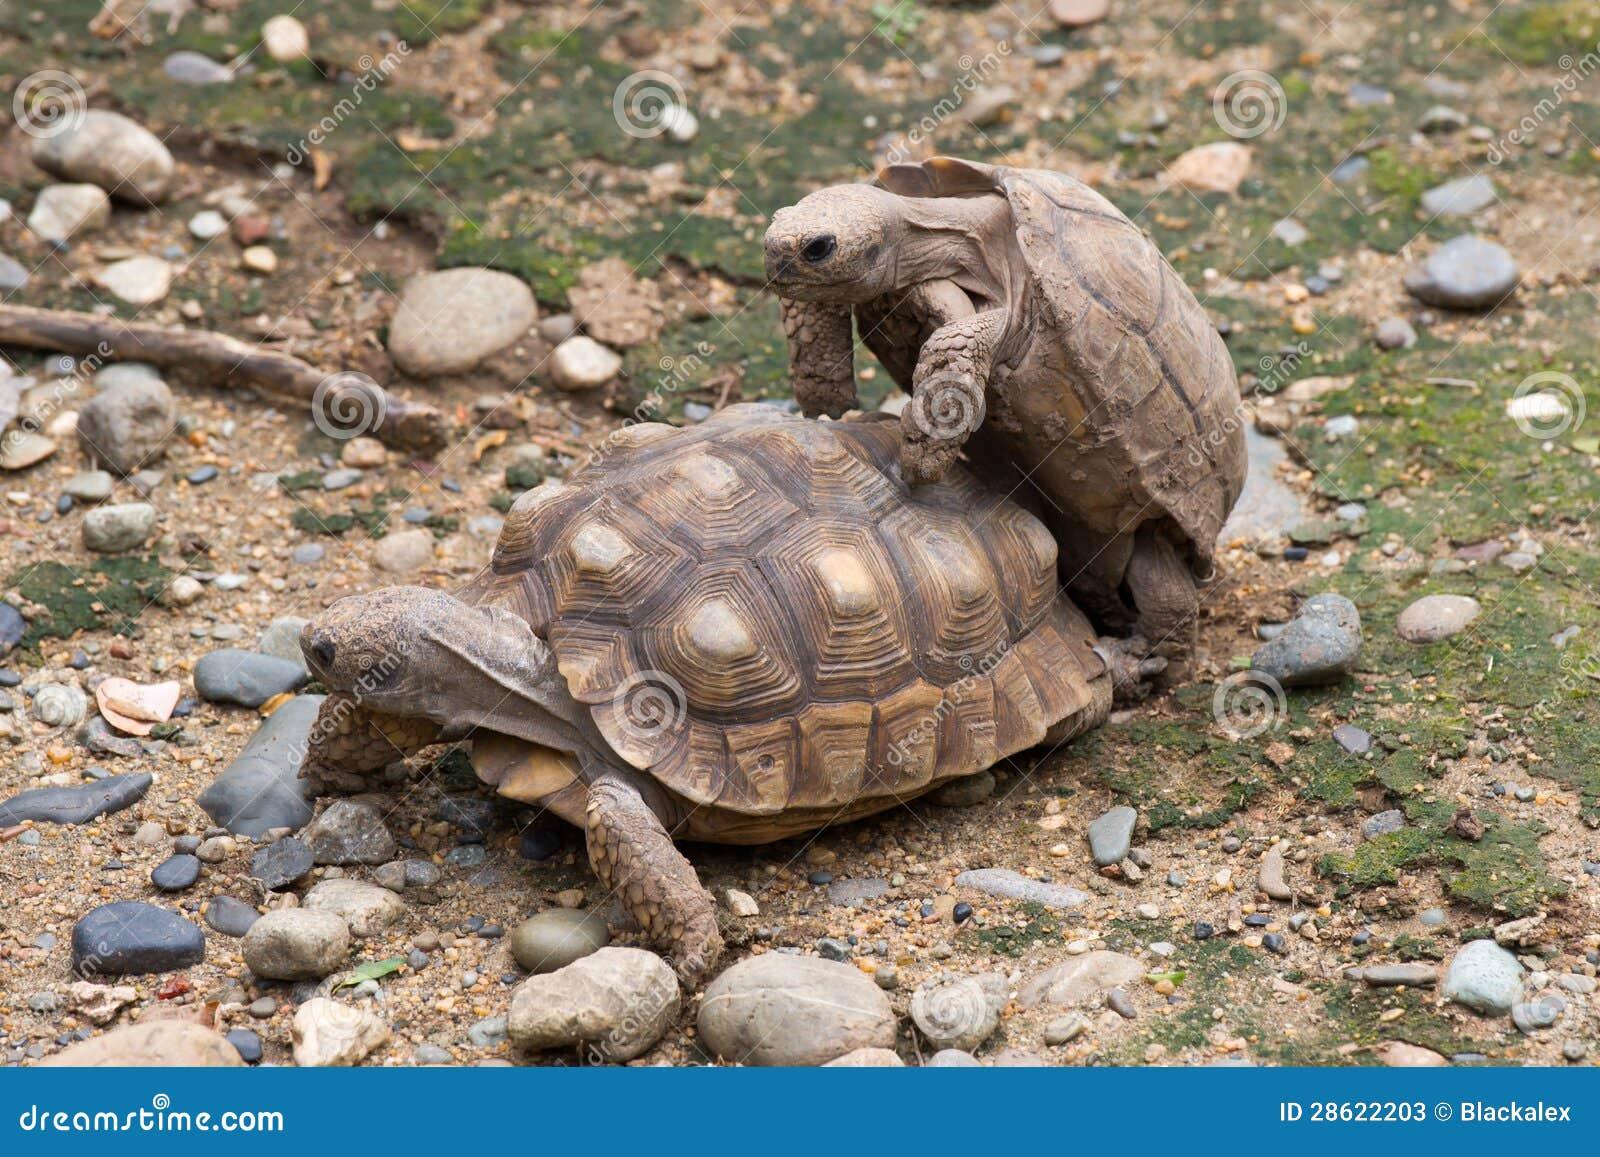 Accoppiamento delle tartarughe fotografie stock immagine for Tartarughe in amore